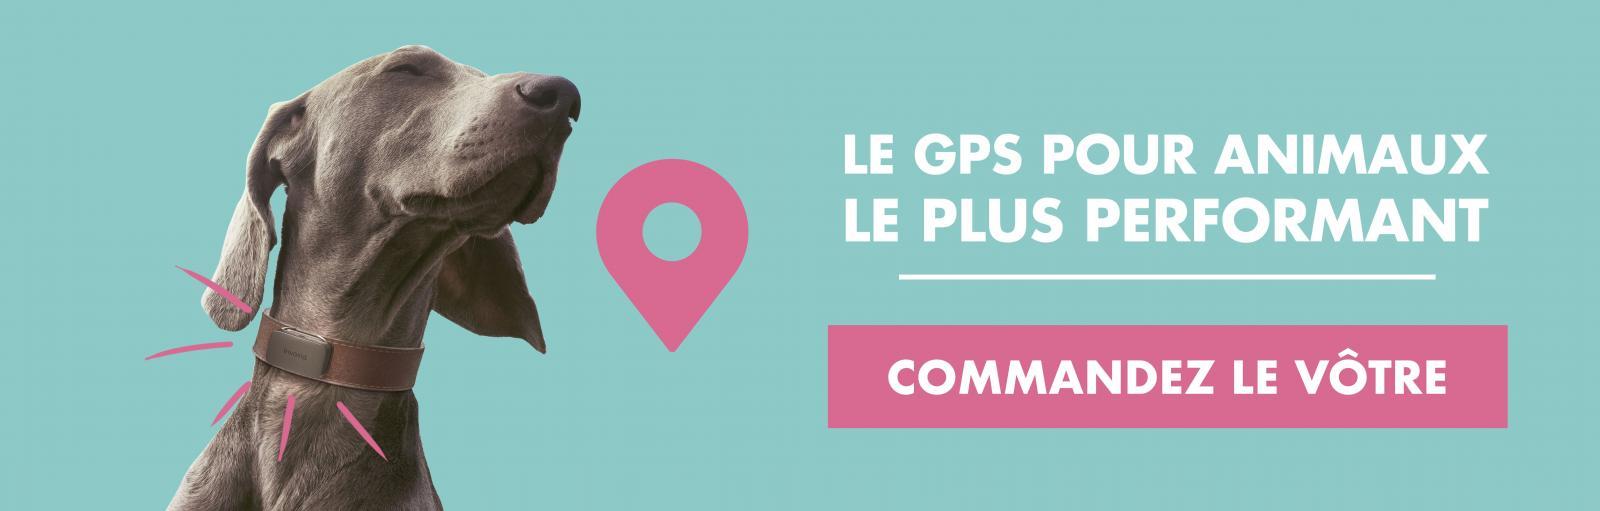 wamiz x invoxia GPS